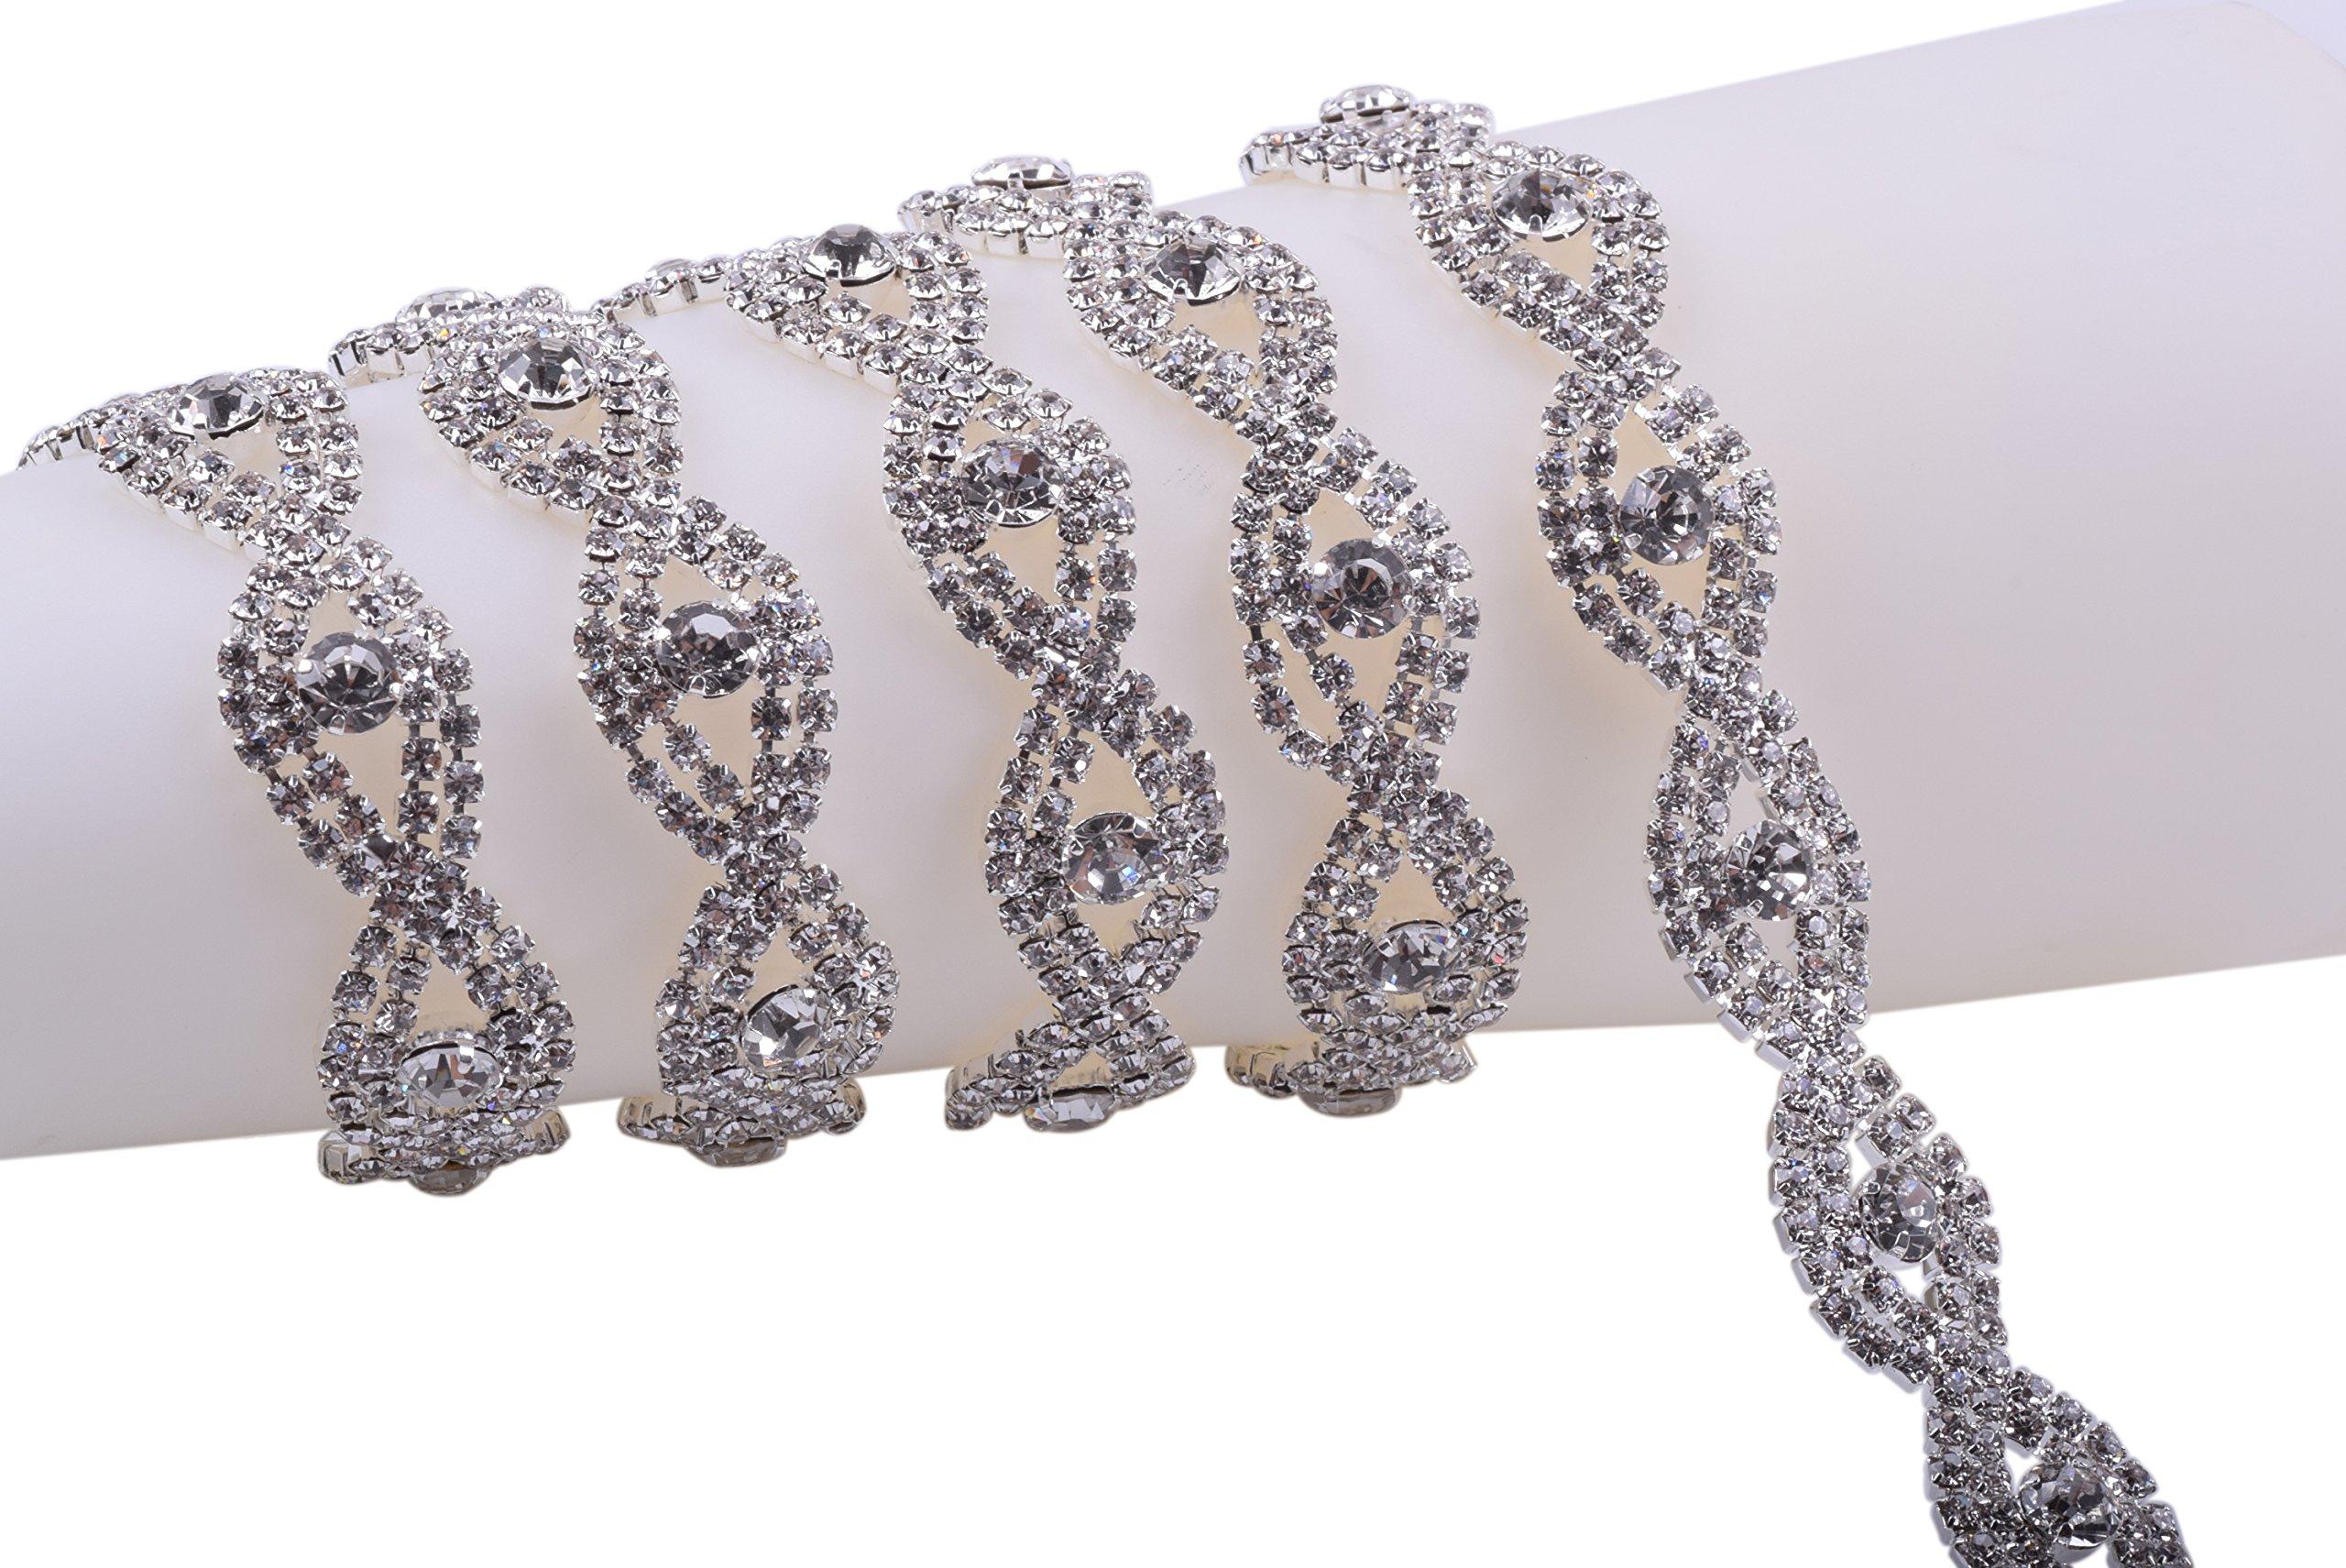 KAOYOO 1 Yard Crystal Rhinestone Chain Trim Sewing Trim for Wedding Decoration,Sewing Craft,DIY Accessories